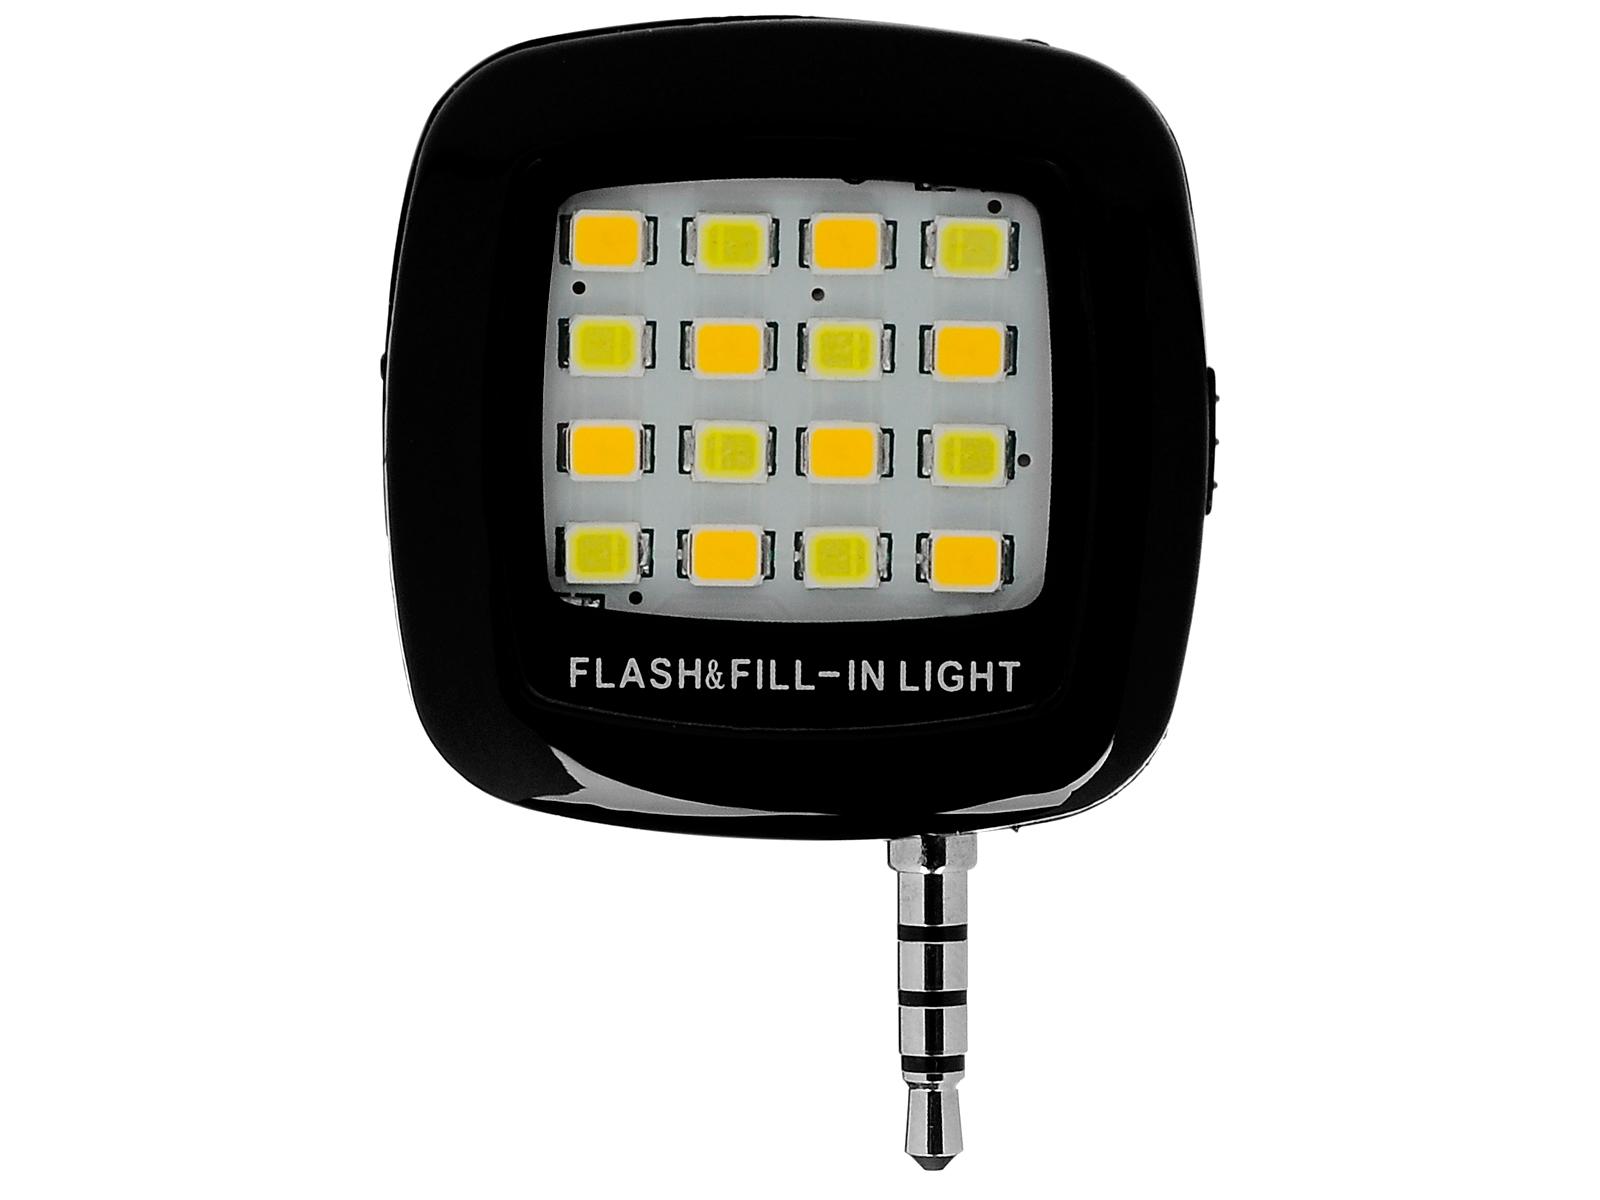 Đèn led chụp ảnh cho smartphone iPhone, samsung 16 bóng (đen)